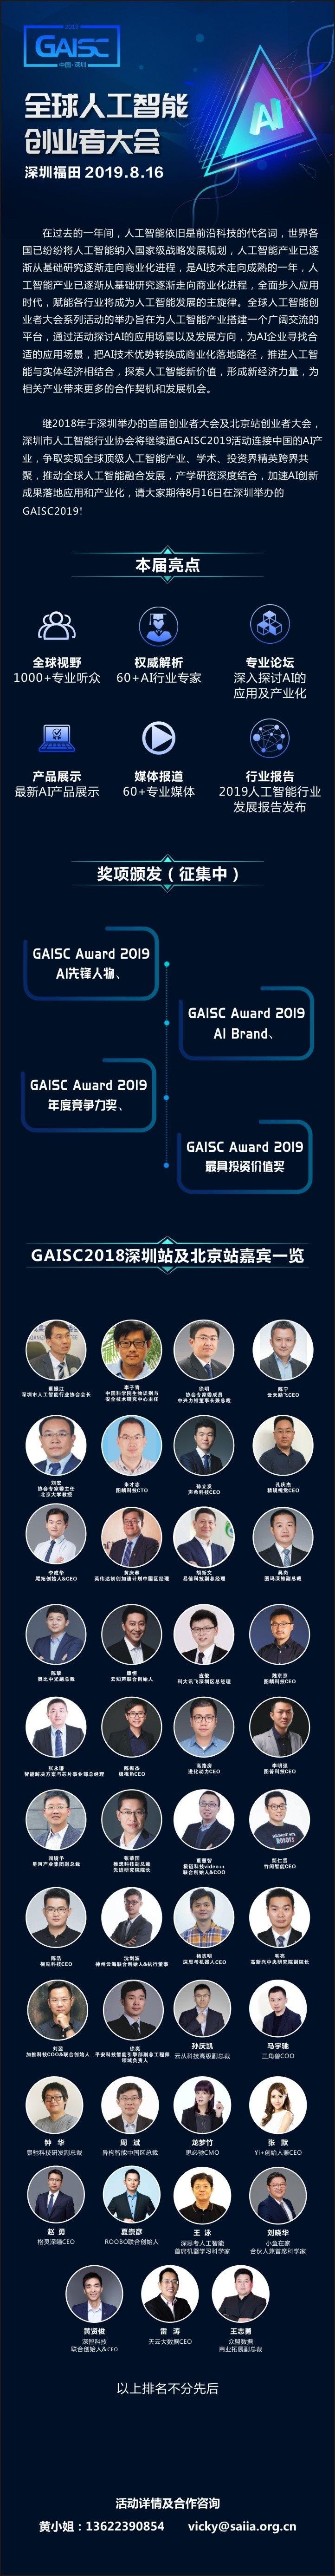 GAISC2019.jpg